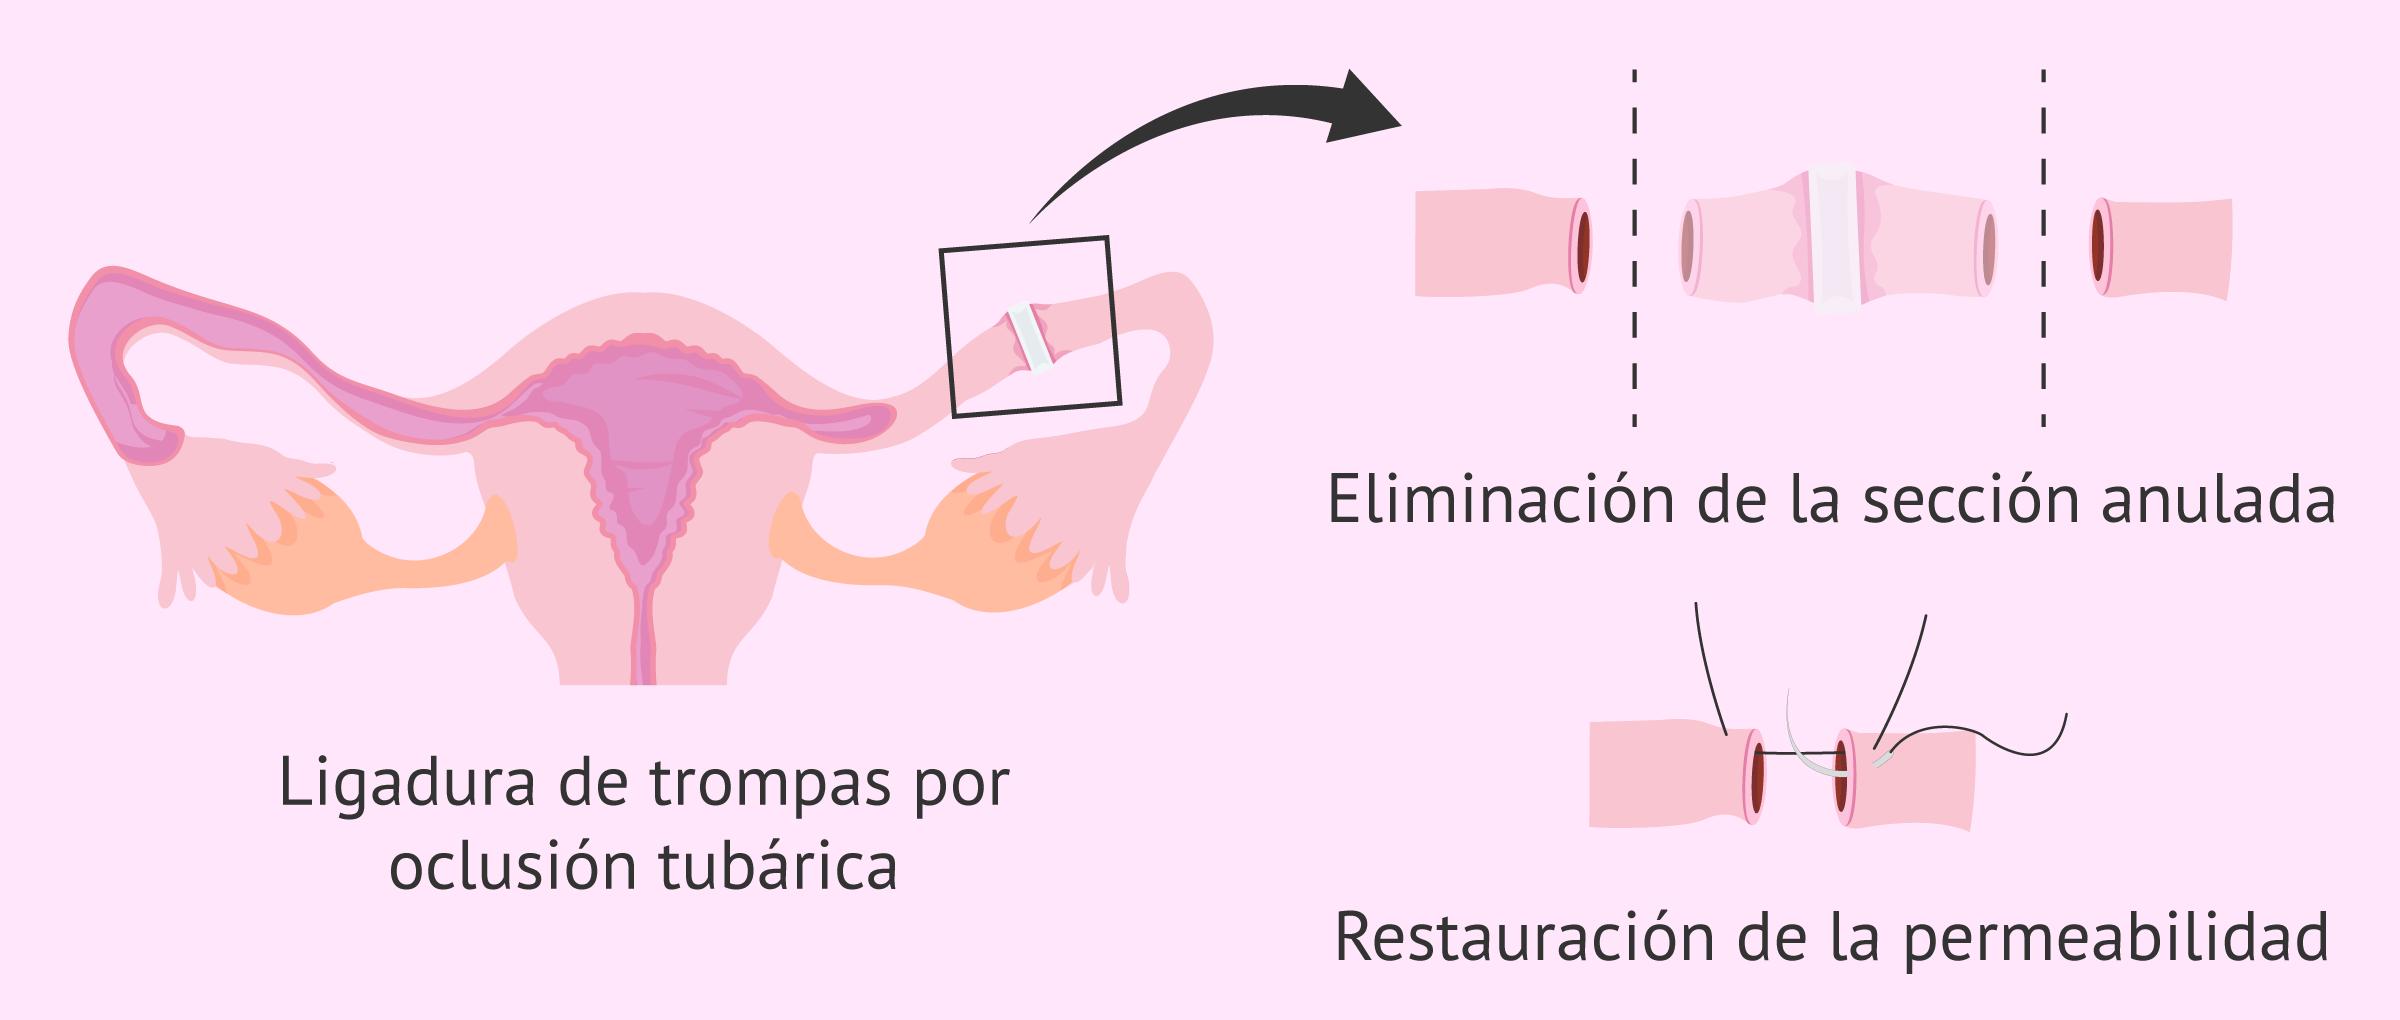 Reversión de la ligadura de trompas por oclusión